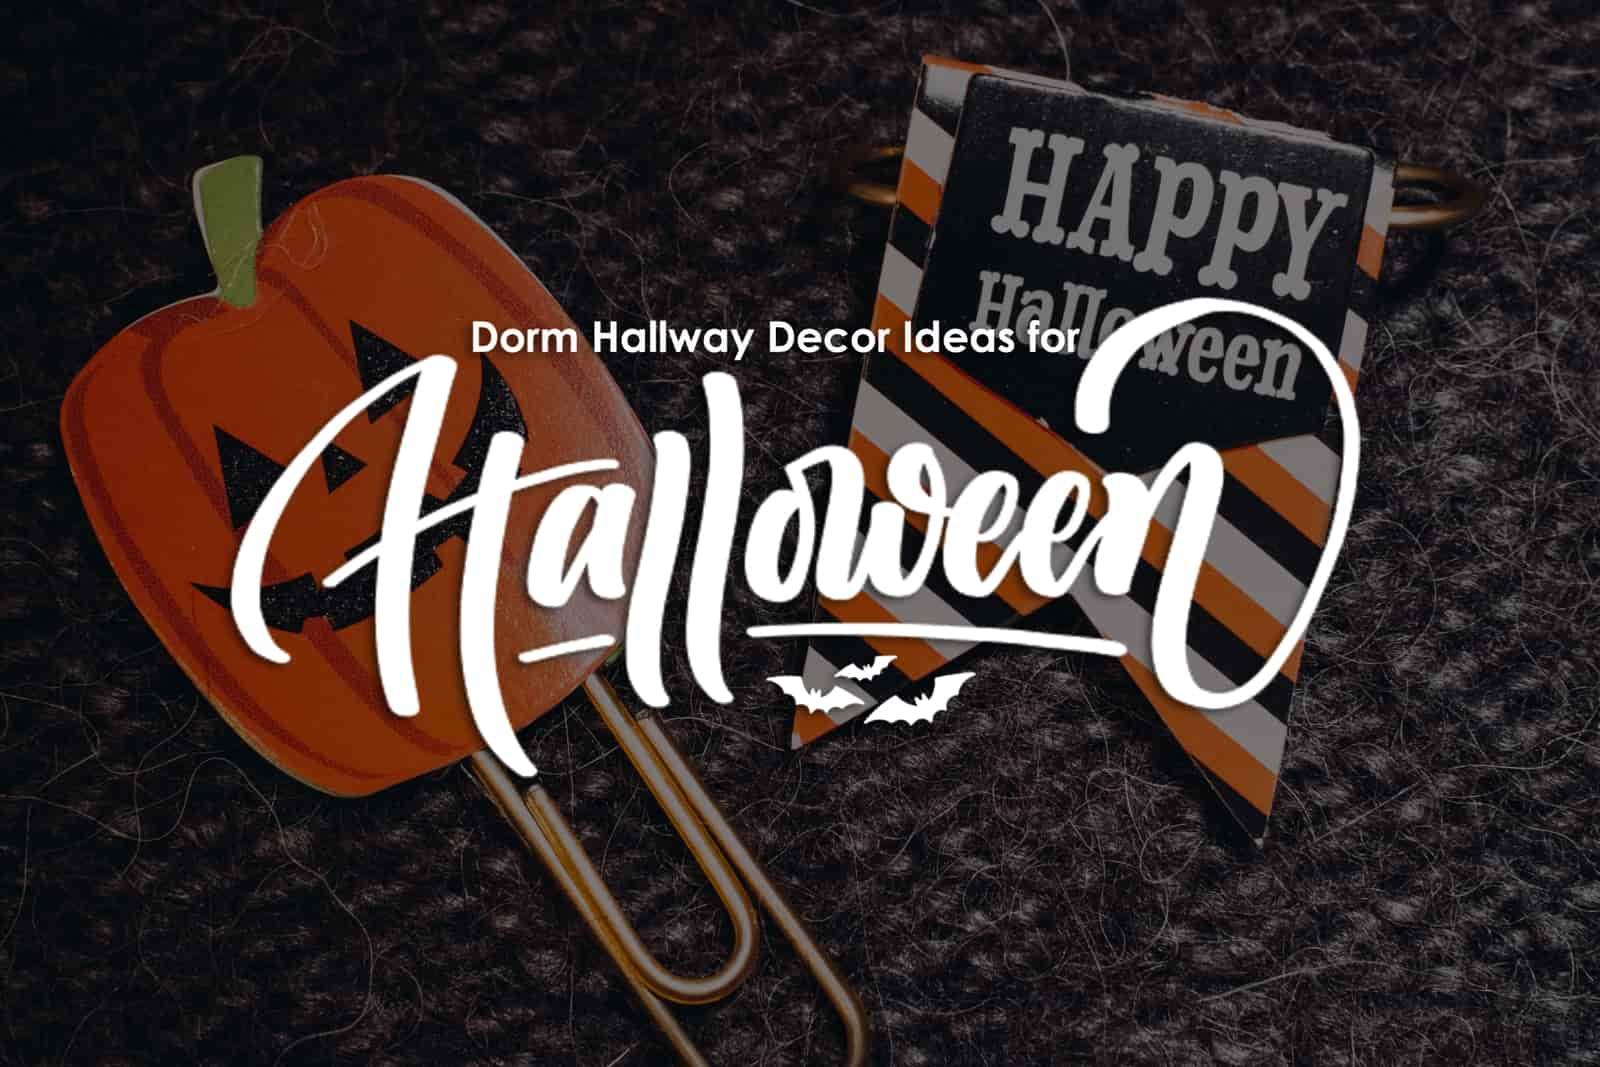 Dorm Hallway Decor Ideas For Halloween